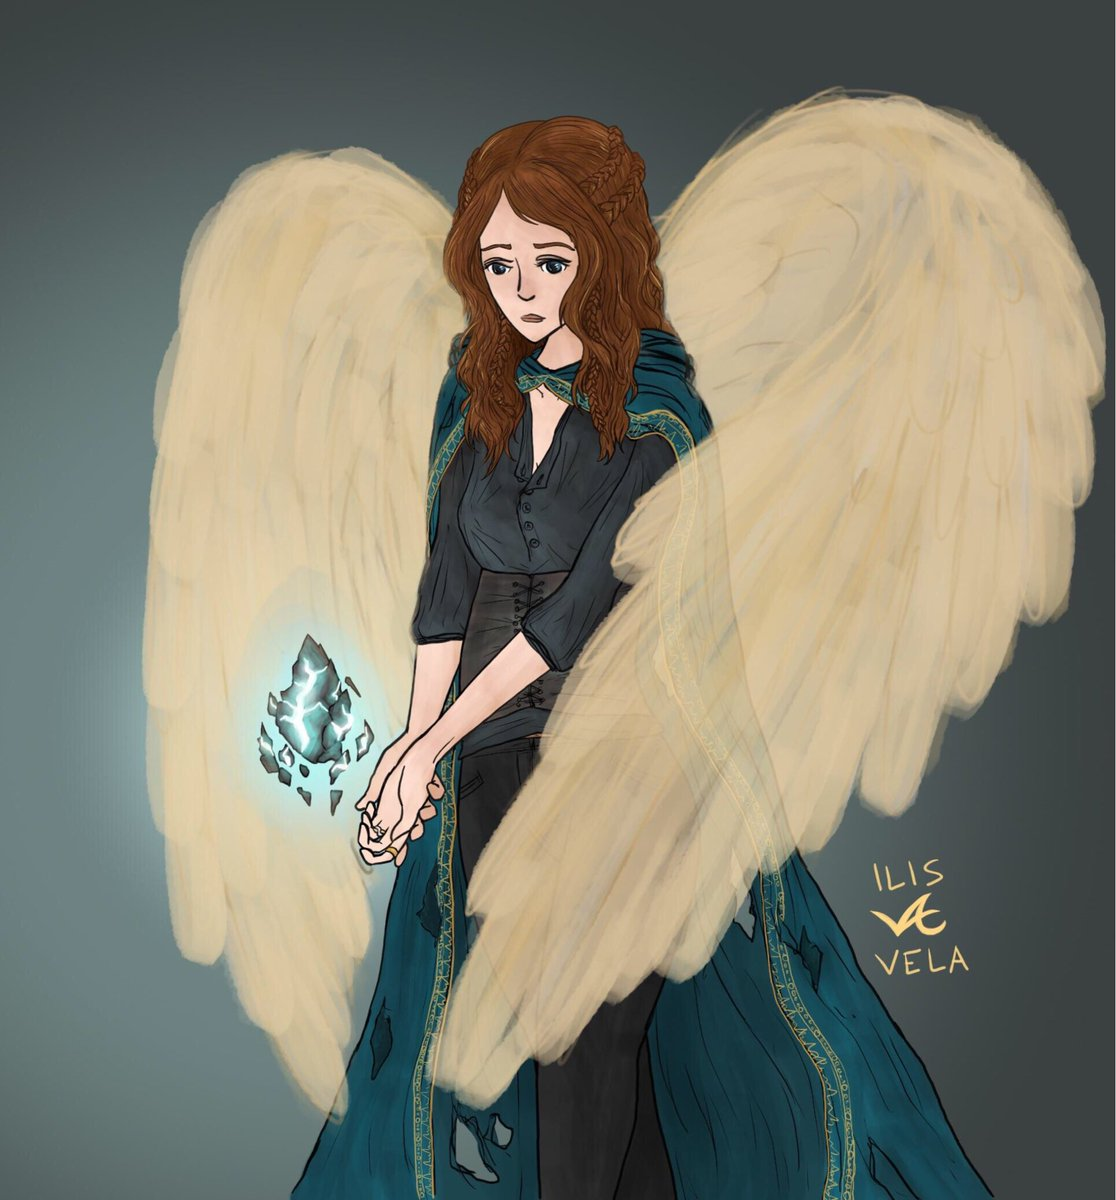 """Aasimar Sorcerer vela on twitter: """"2/21/19 livia, aasimar divine soul"""